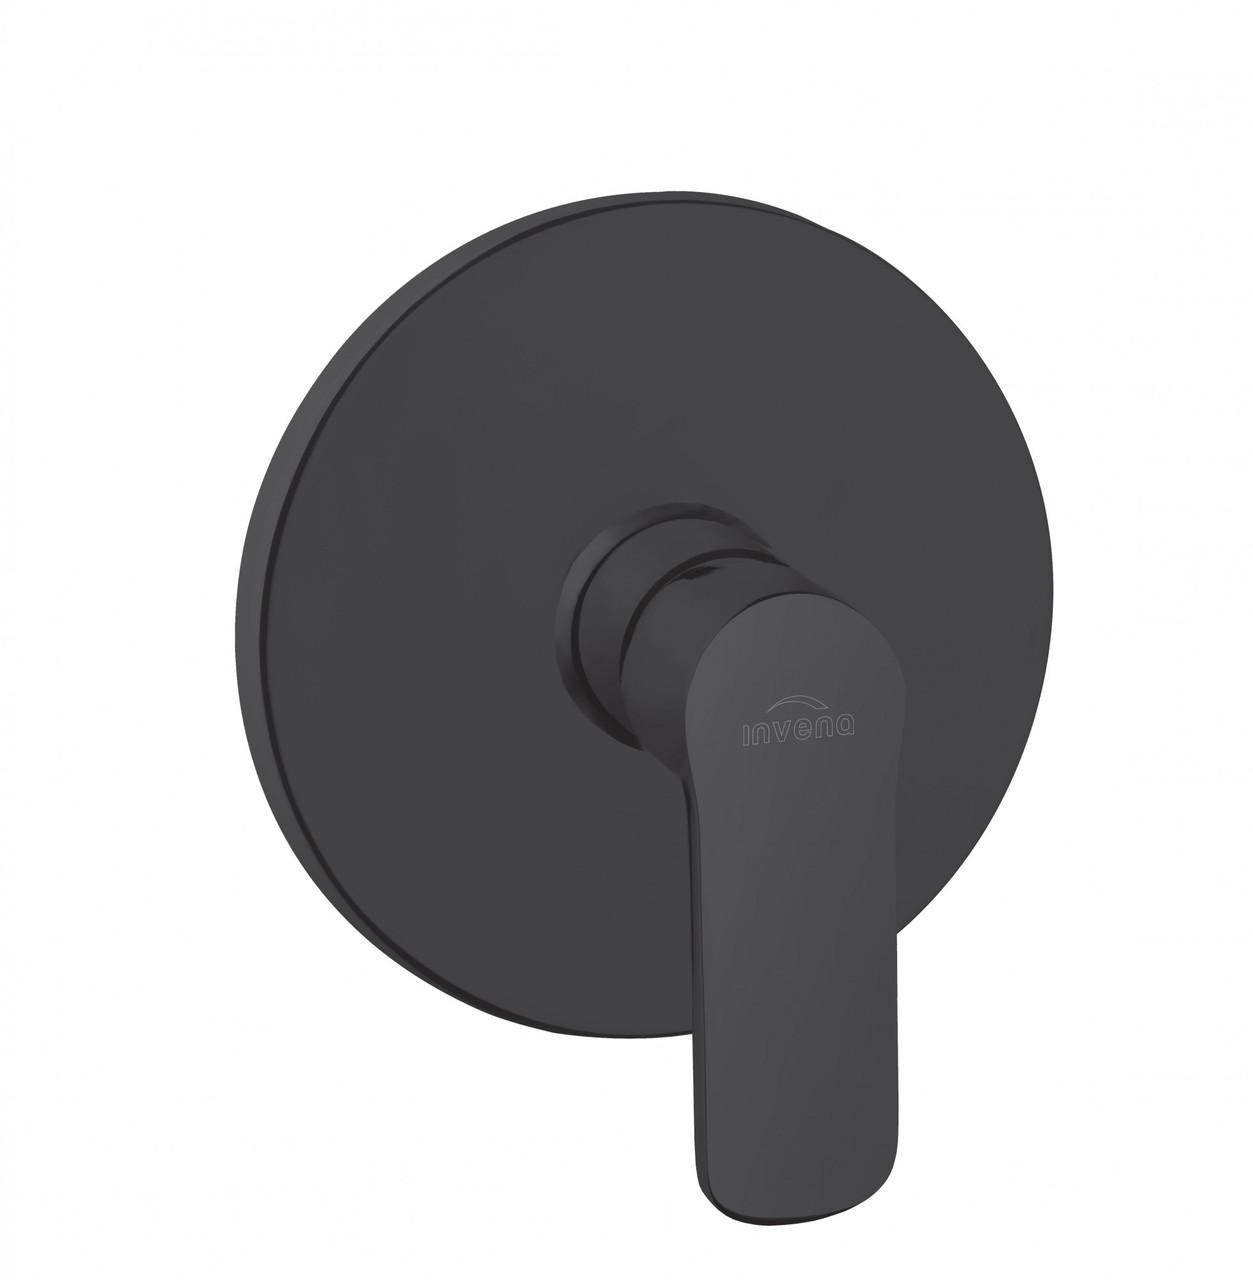 Змішувач стінний прихований Invena Siros BP-90-4O1 однофункційний кругла розета чорний